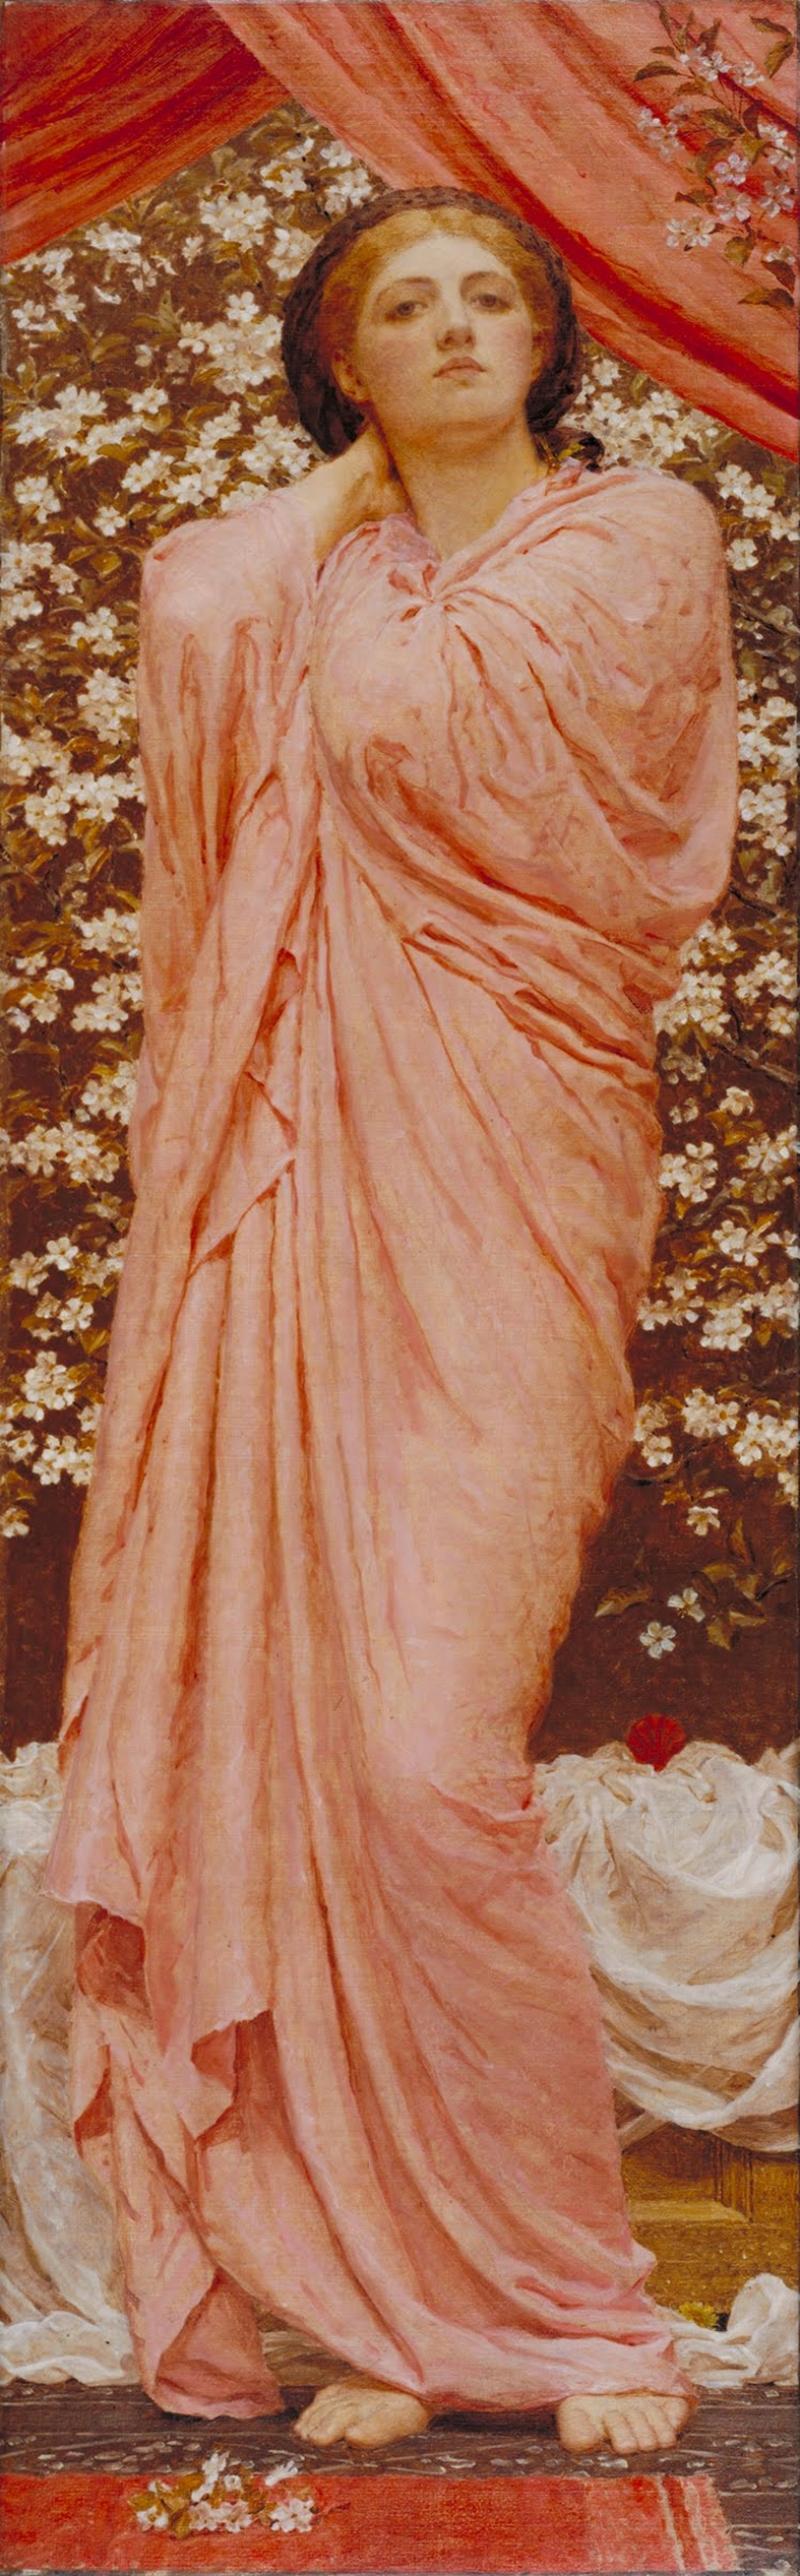 Albert Moore Blossoms Çiçekler Yağlı Boya Sanat Kanvas Tablo